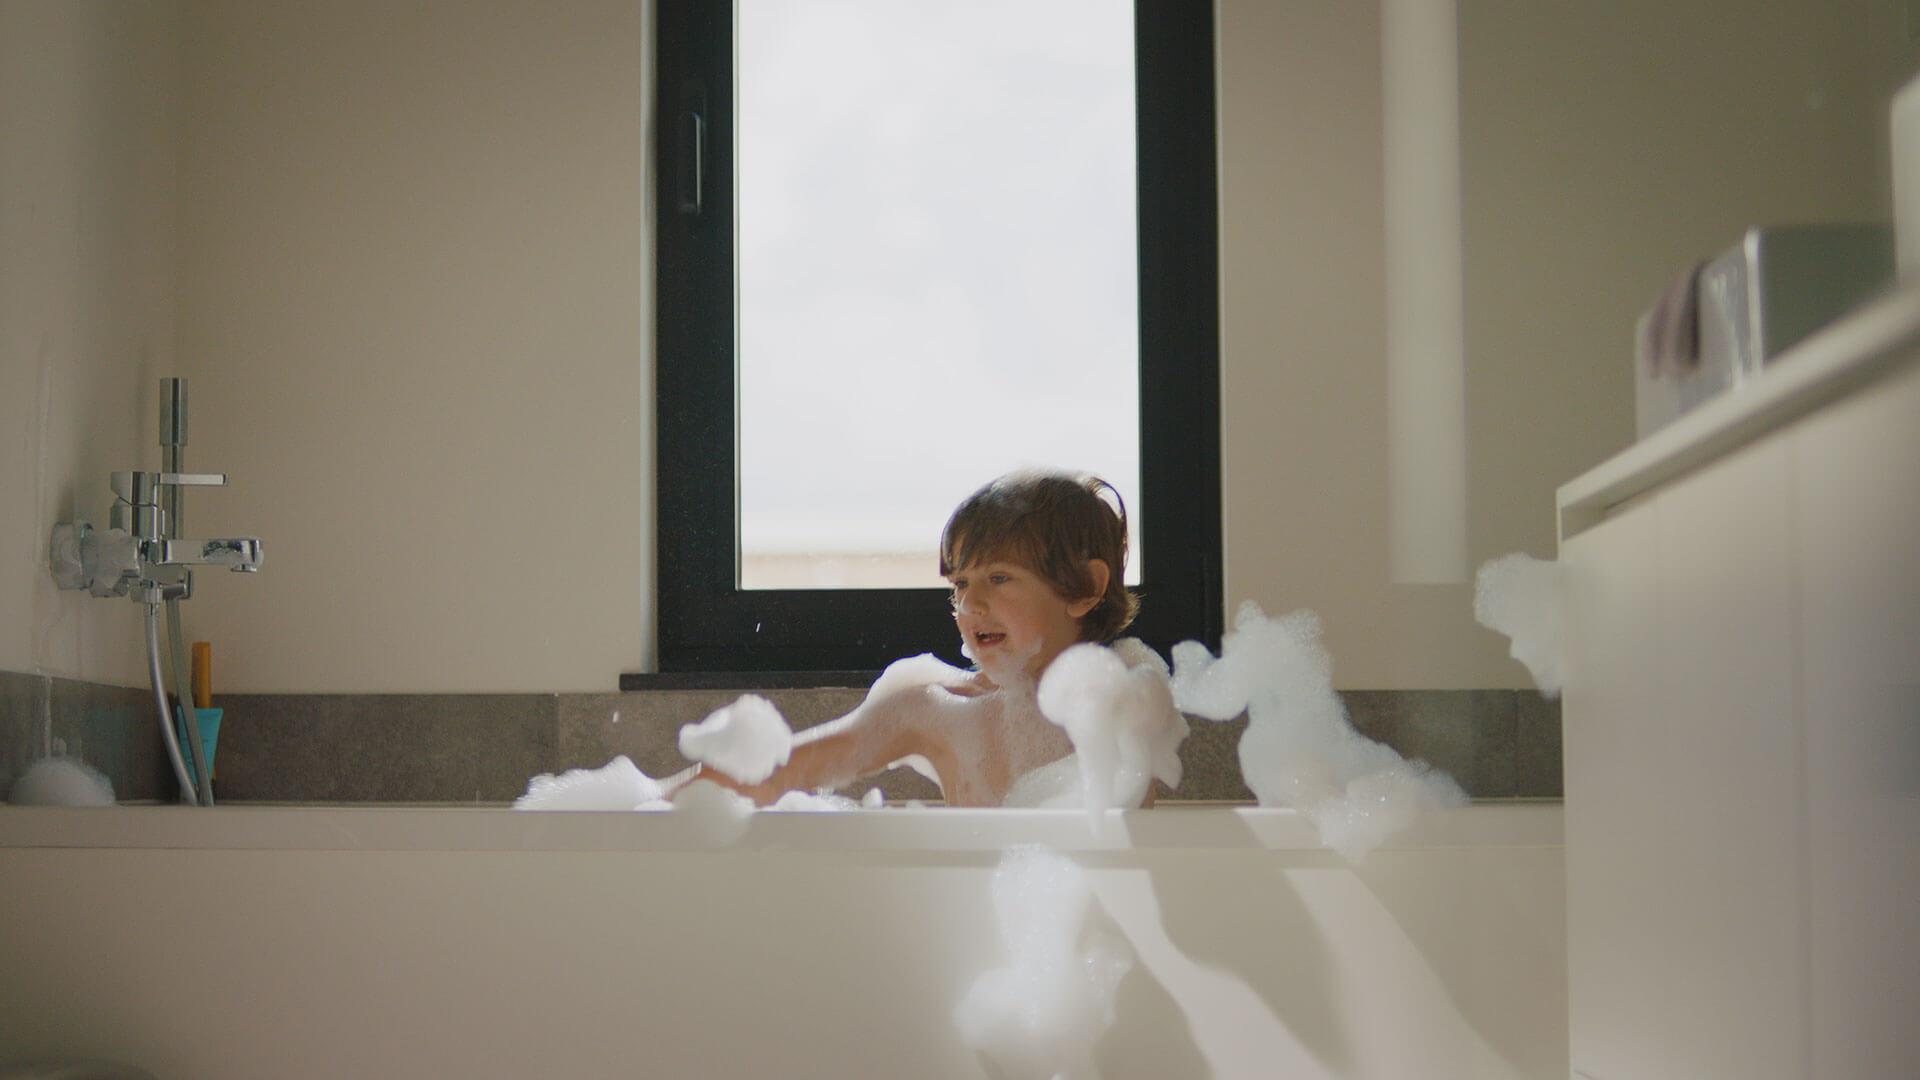 Ventilatie Badkamer Epb : Ventilatie badkamer pics metsfansgoods